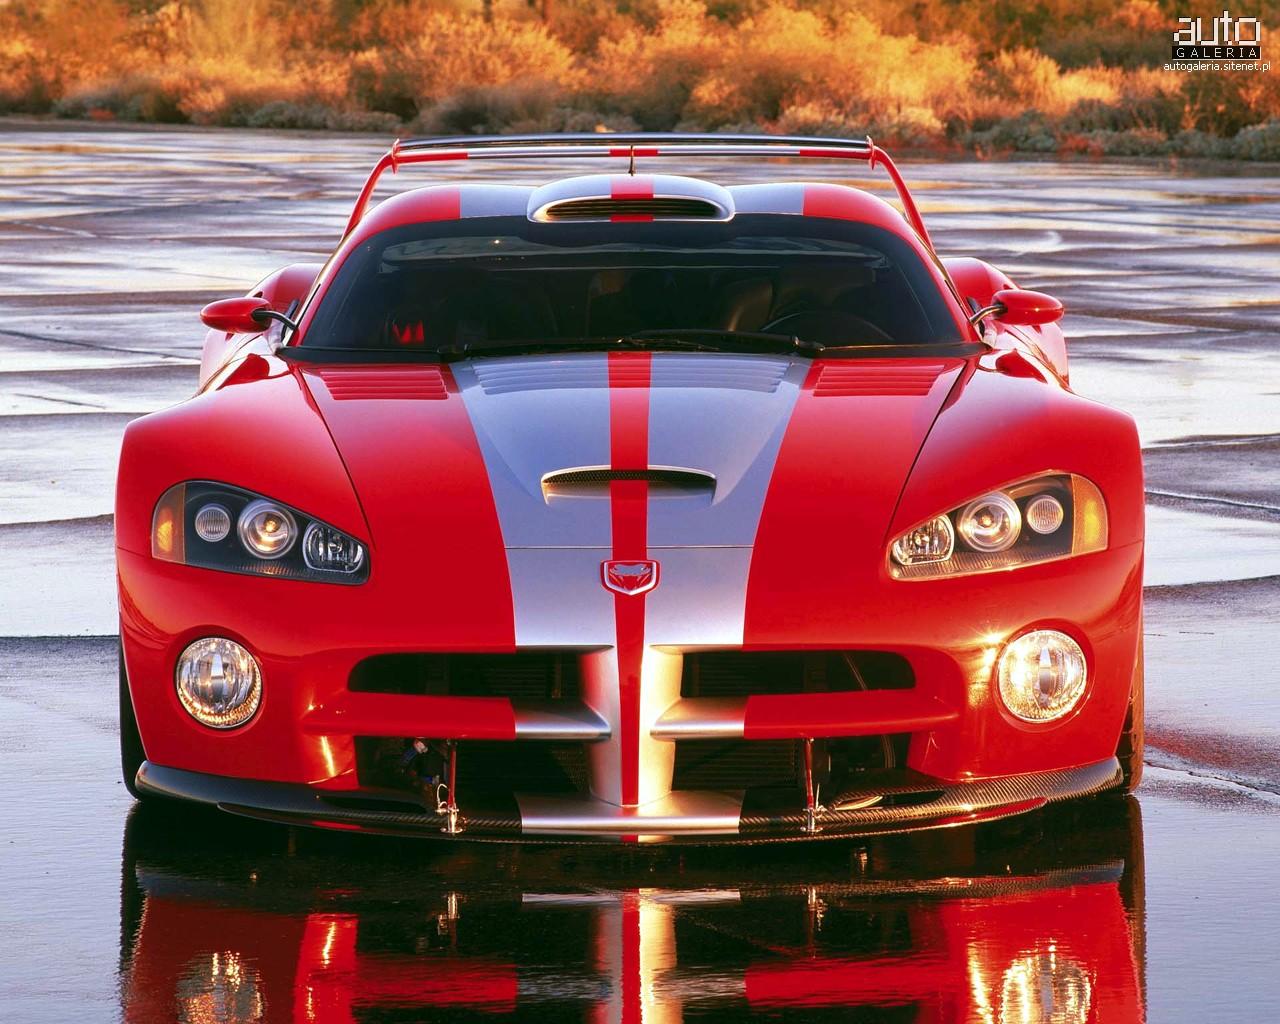 2001 Dodge Viper 2 Dr GTS